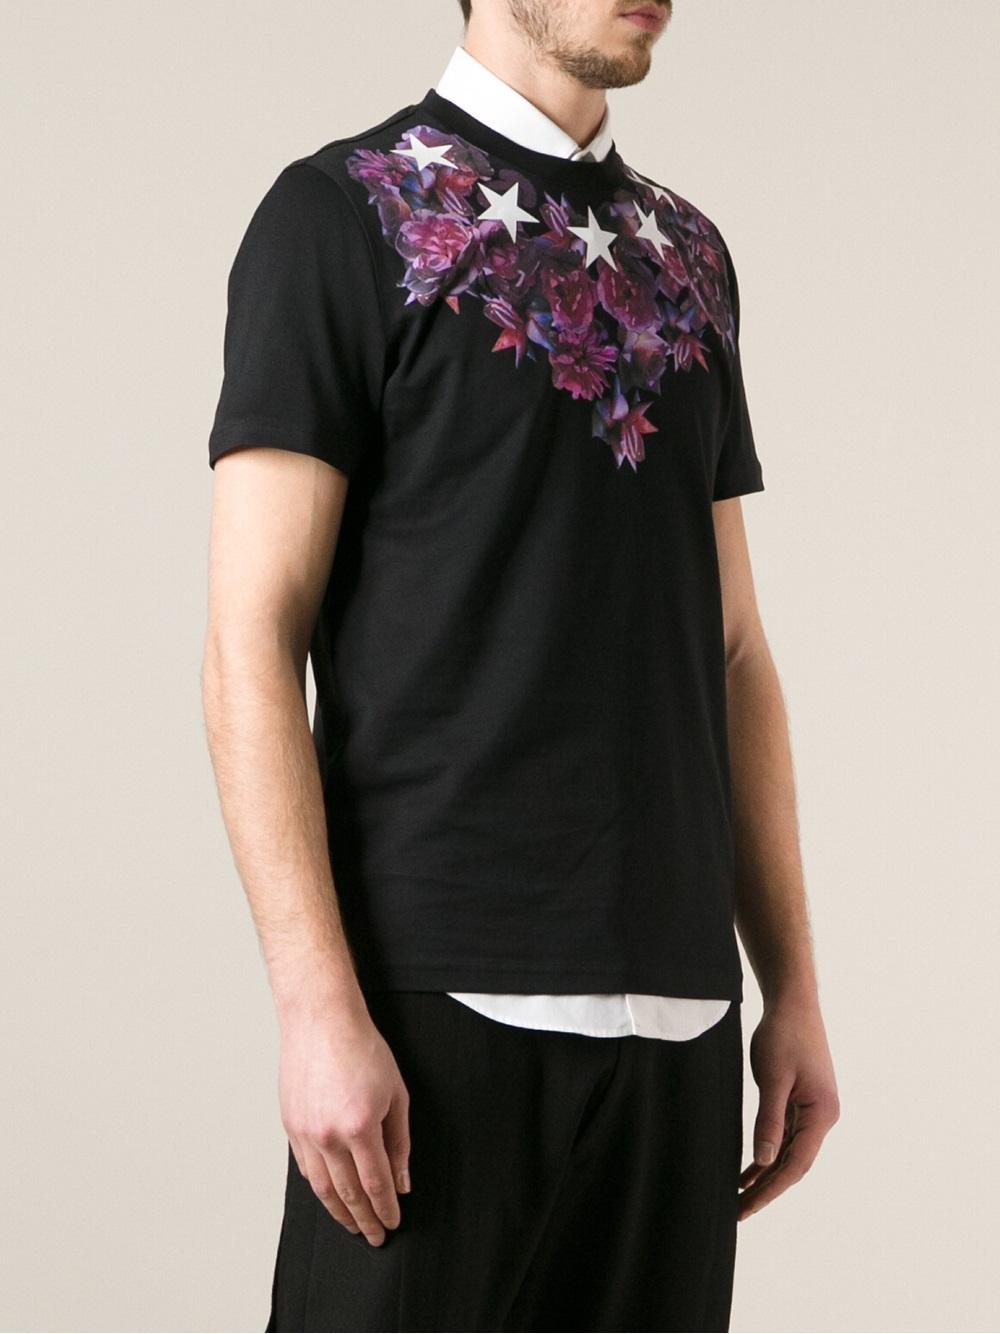 V Neck Long Sleeve Shirt For Men